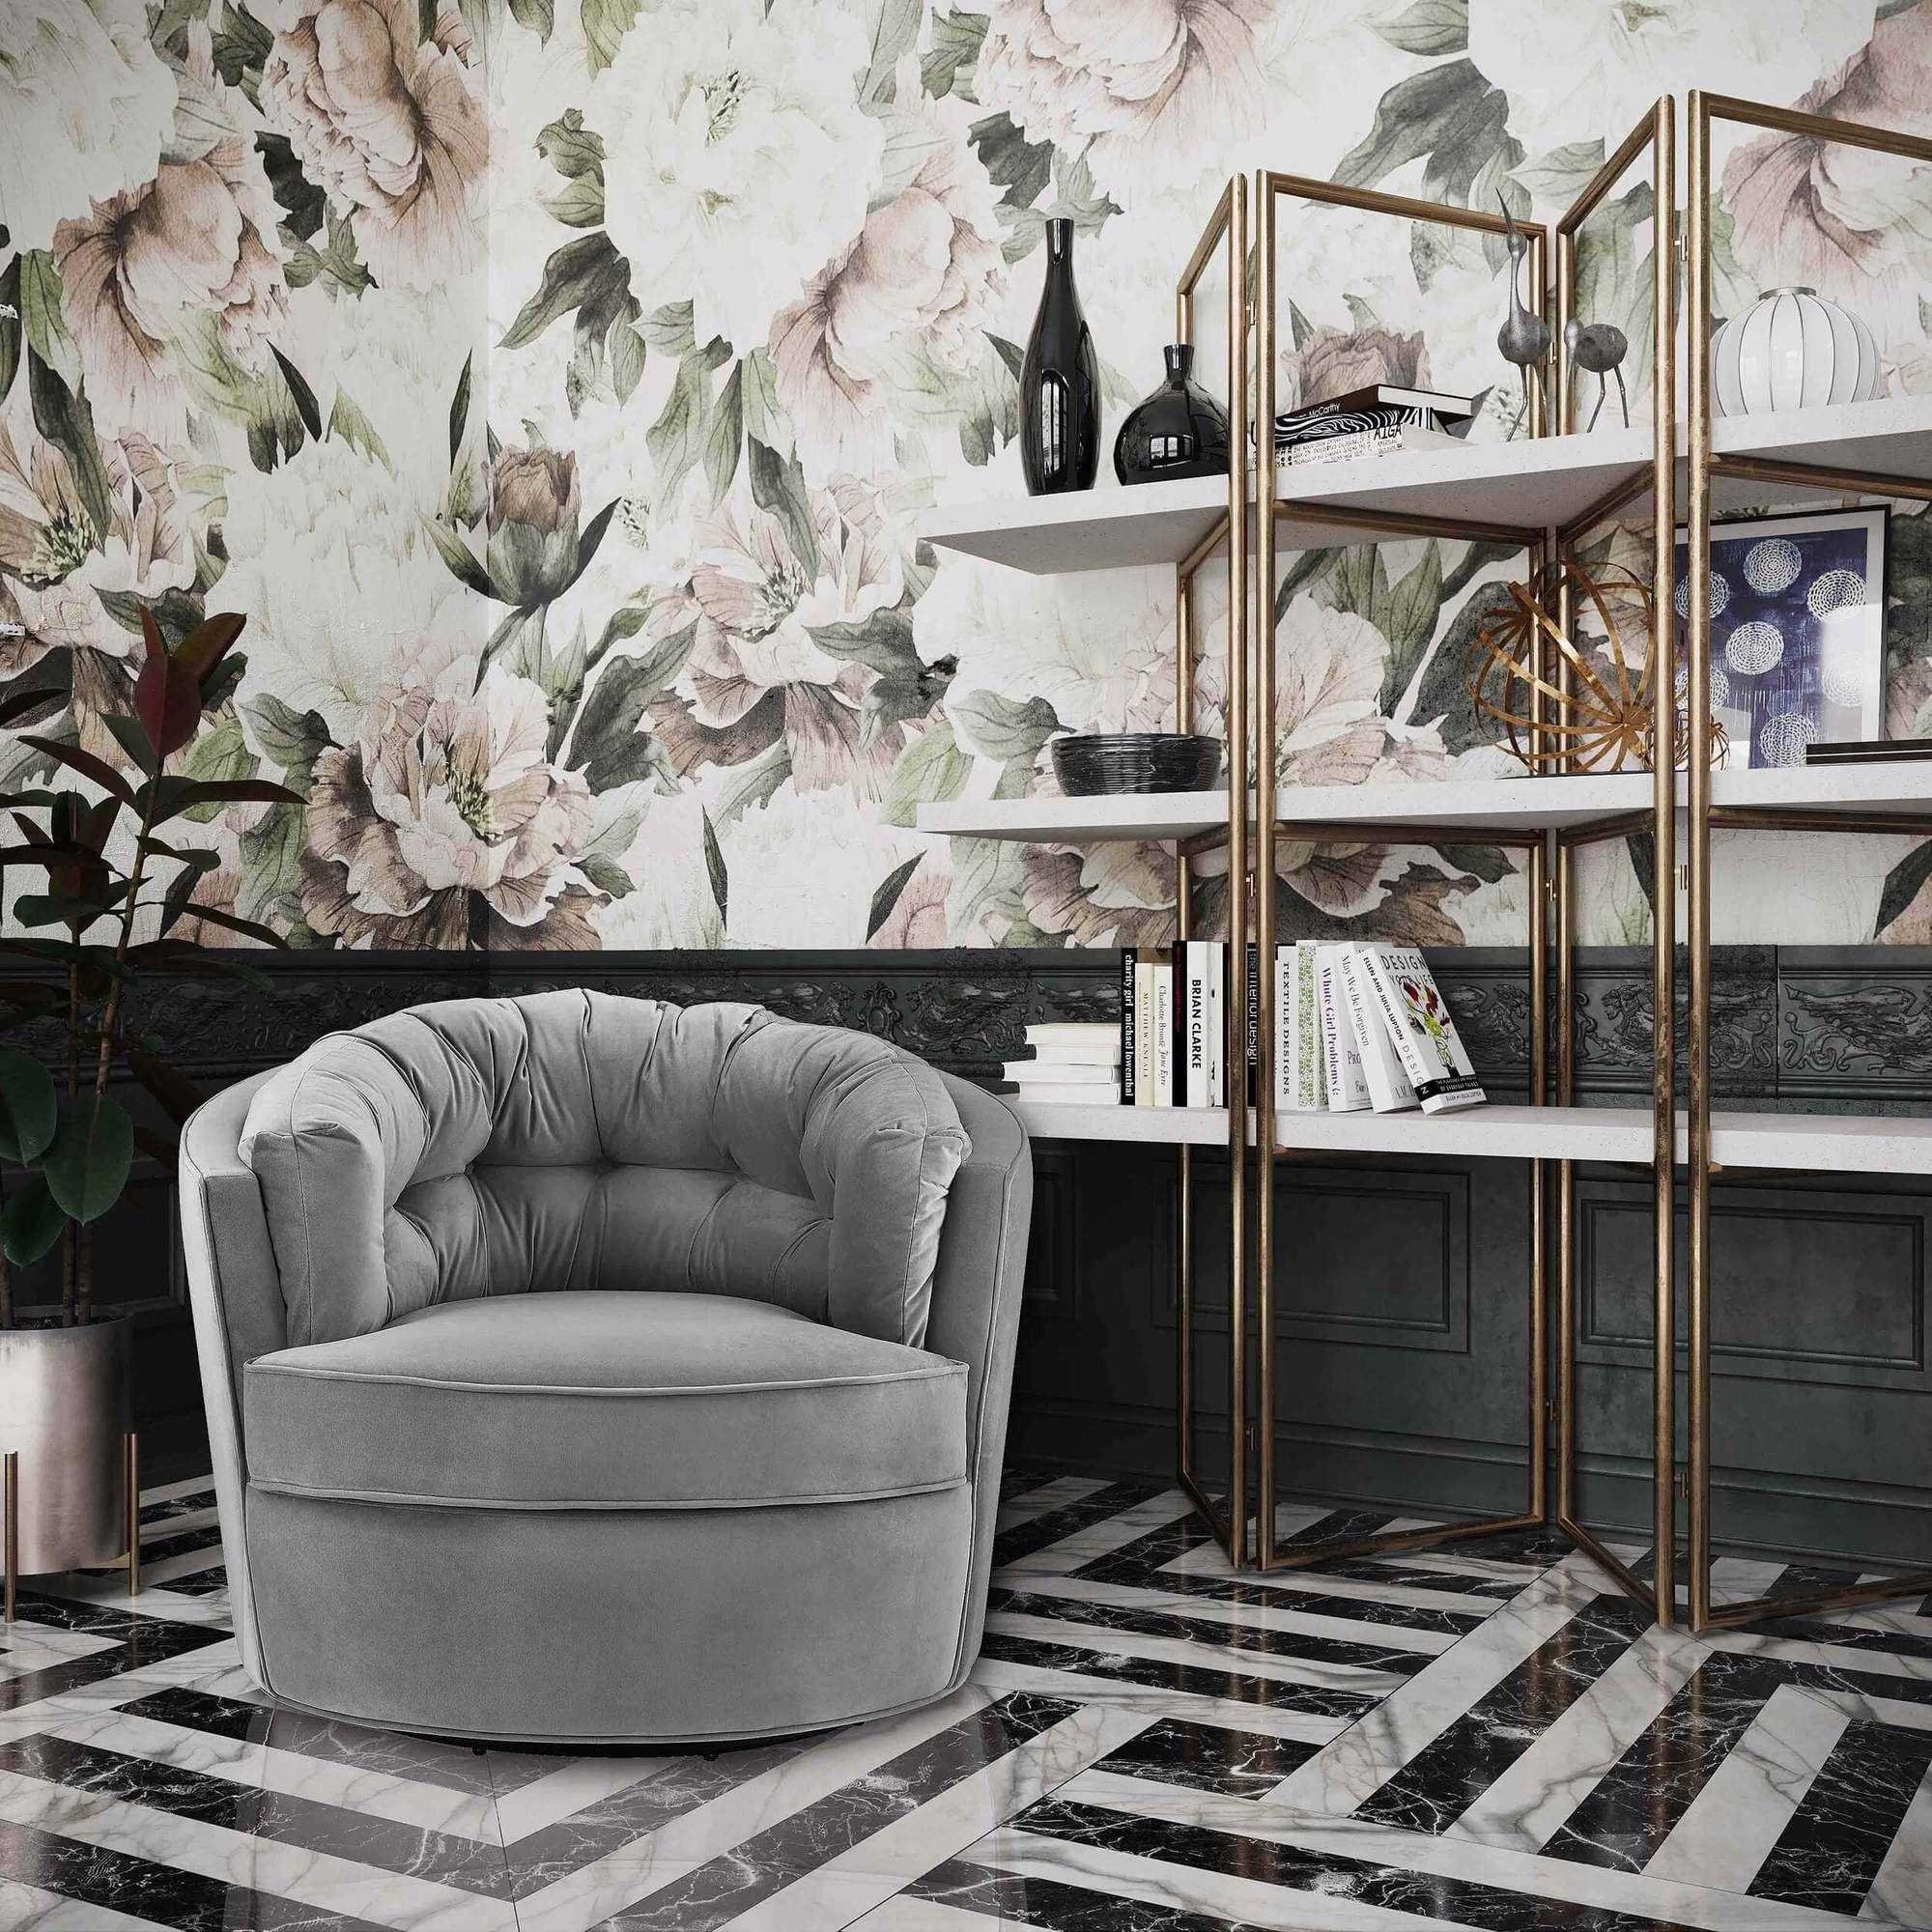 Eloise Swivel Chair, Grey in 2020 Upholstered swivel